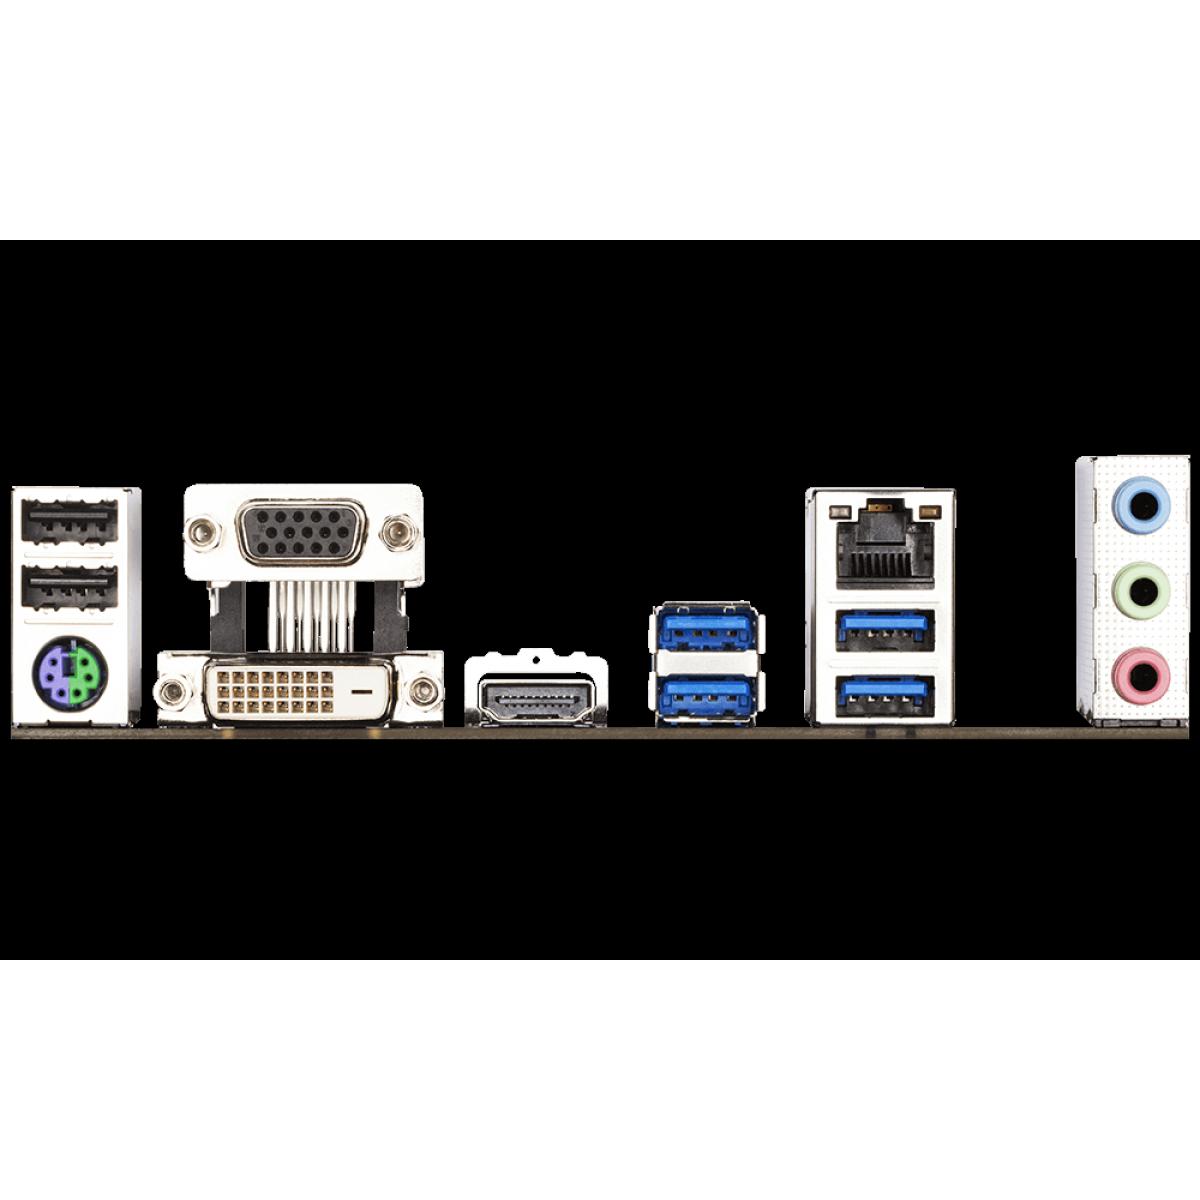 Placa Mãe Gigabyte B460M DS3H, Chipset B460, Intel LGA 1200, mATX, DDR4, 9MB46MS3H-00-10